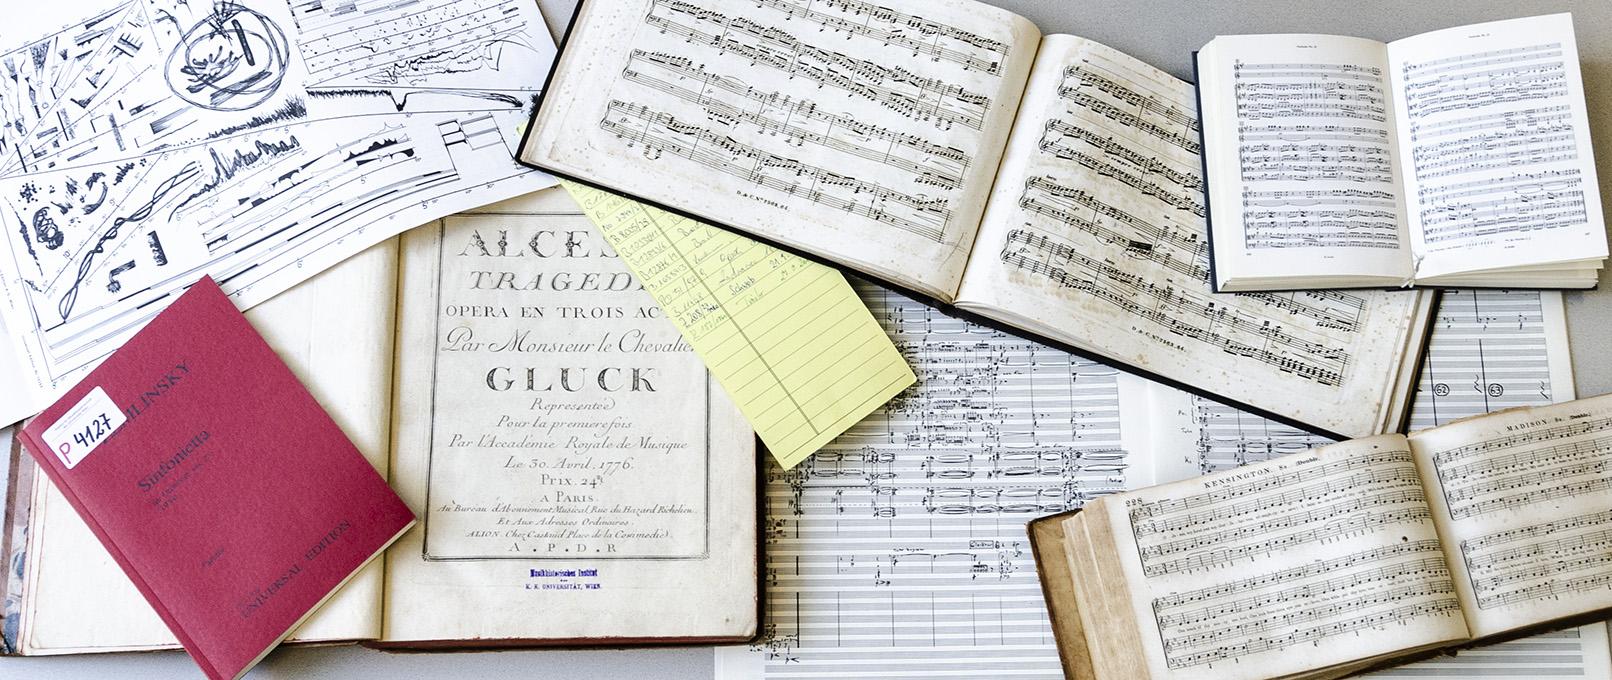 Musikwissenschaft Studieren